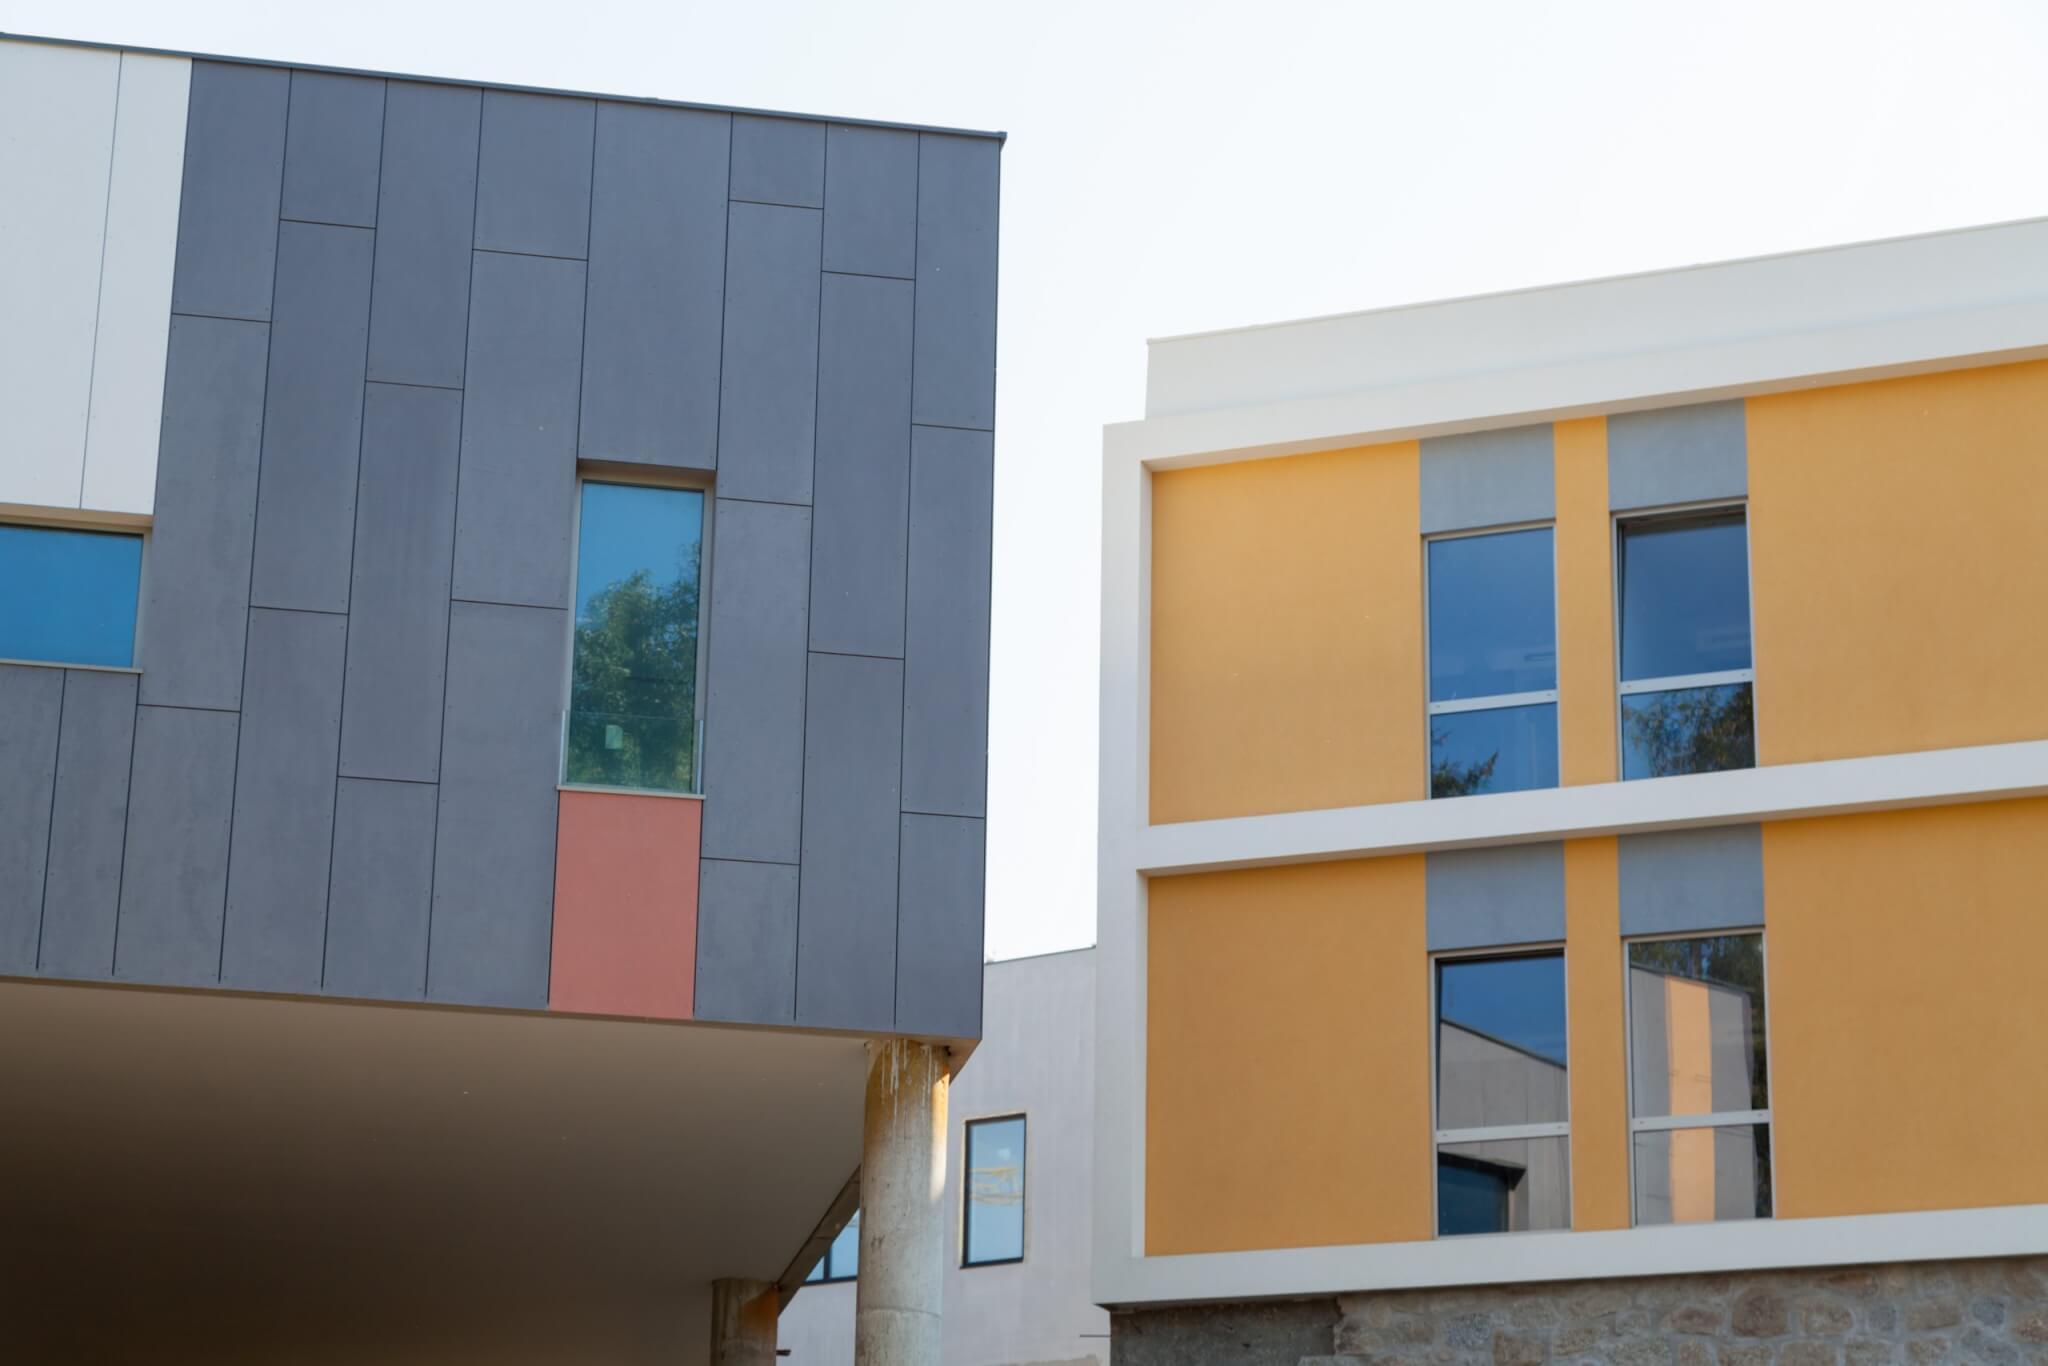 CIDIFAD - Centro de Investigação, Diagnóstico, Formação  e Acompanhamento de Demências